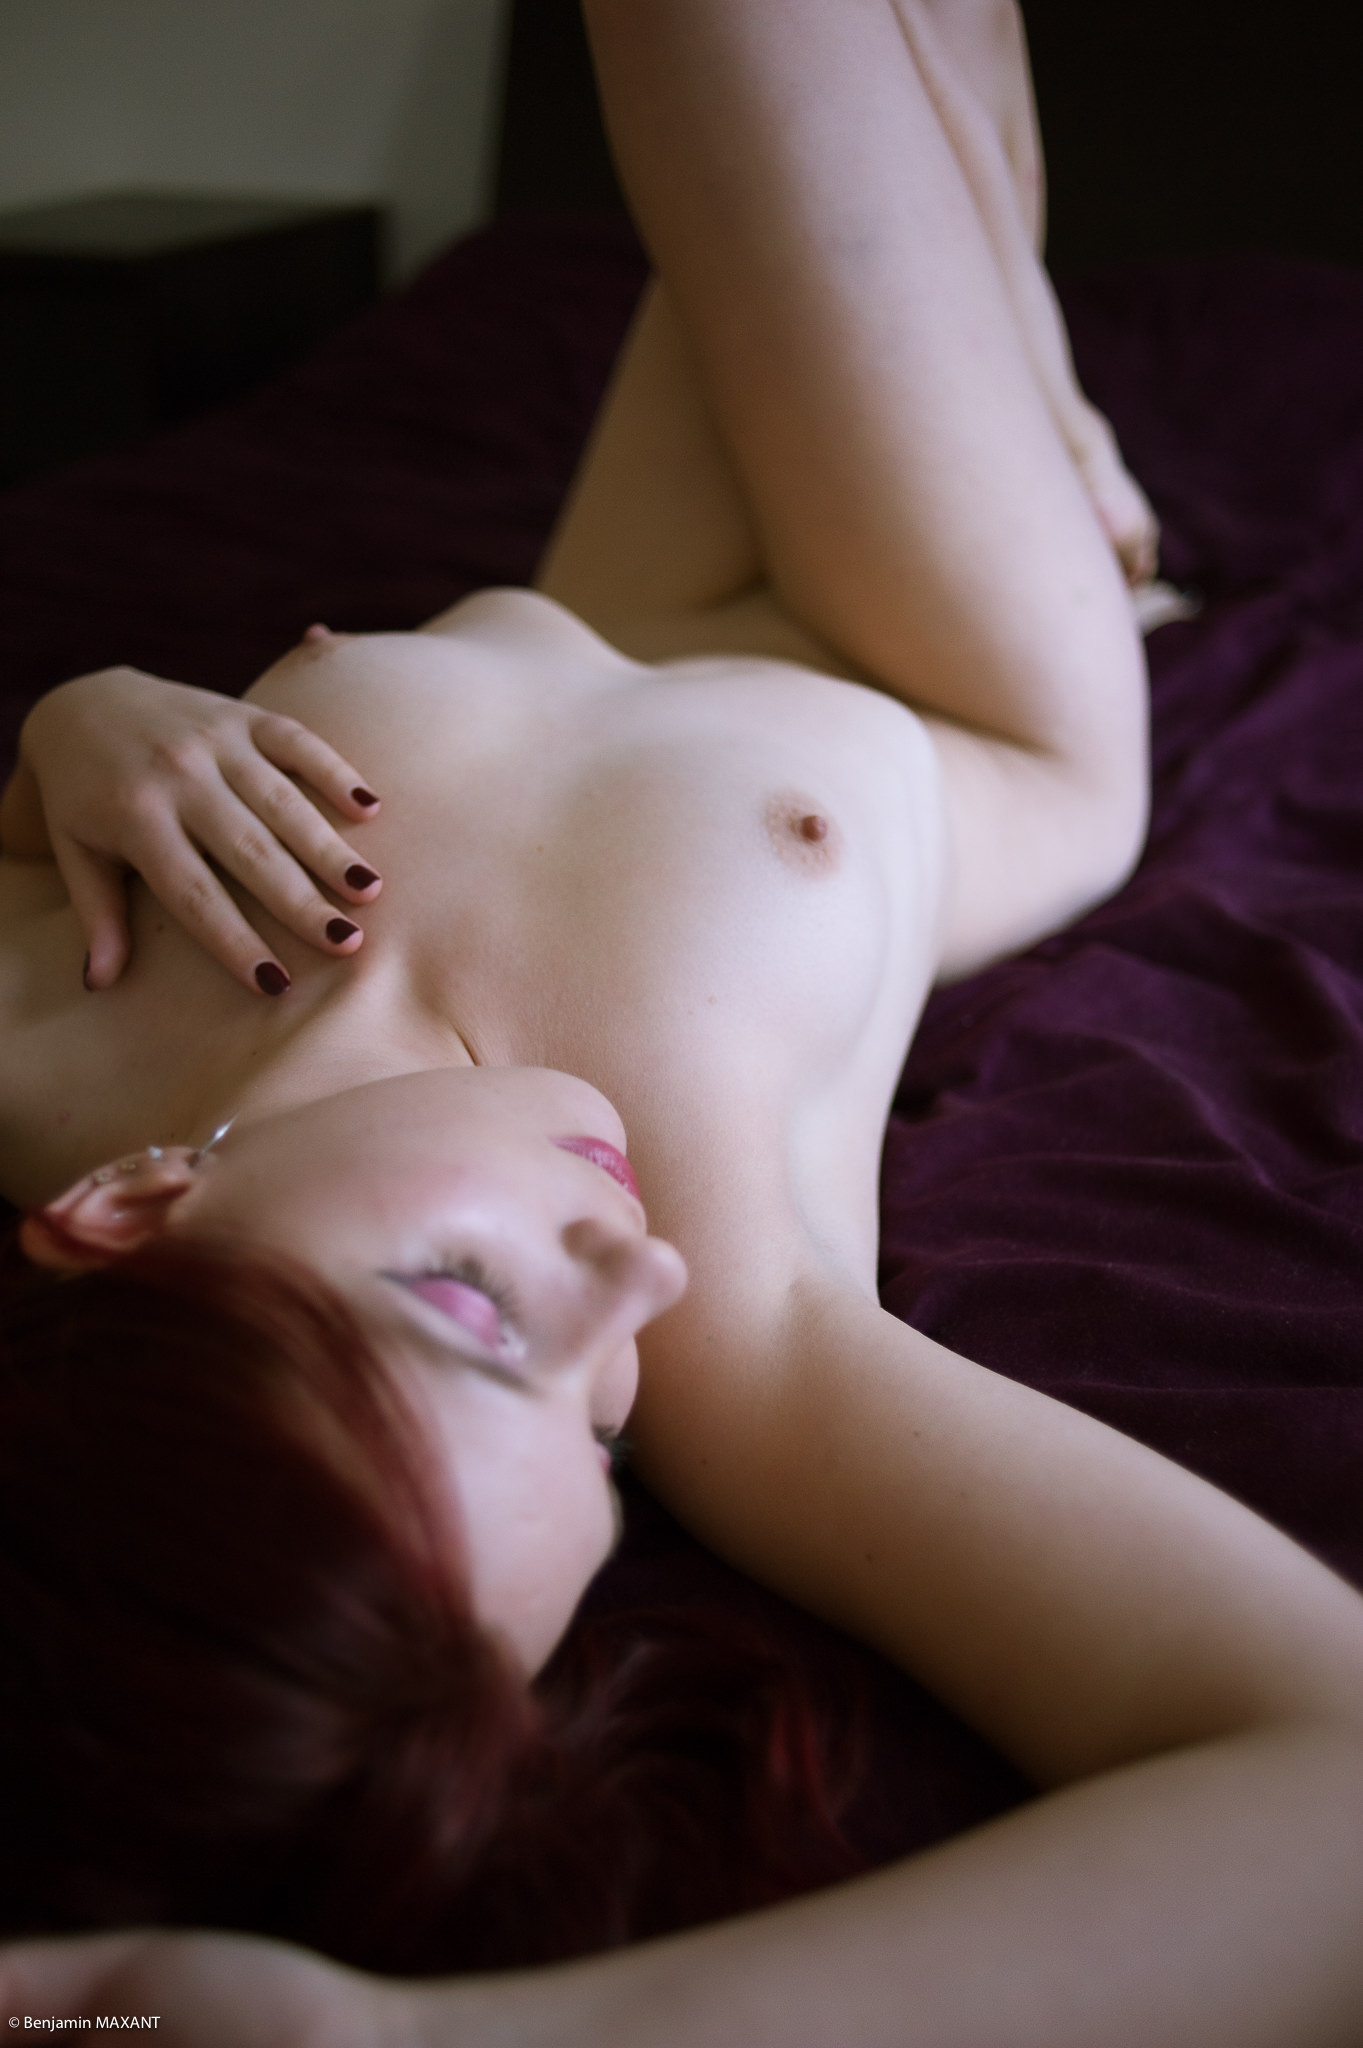 Séance photo nu dans un appartement allongée sur un lit